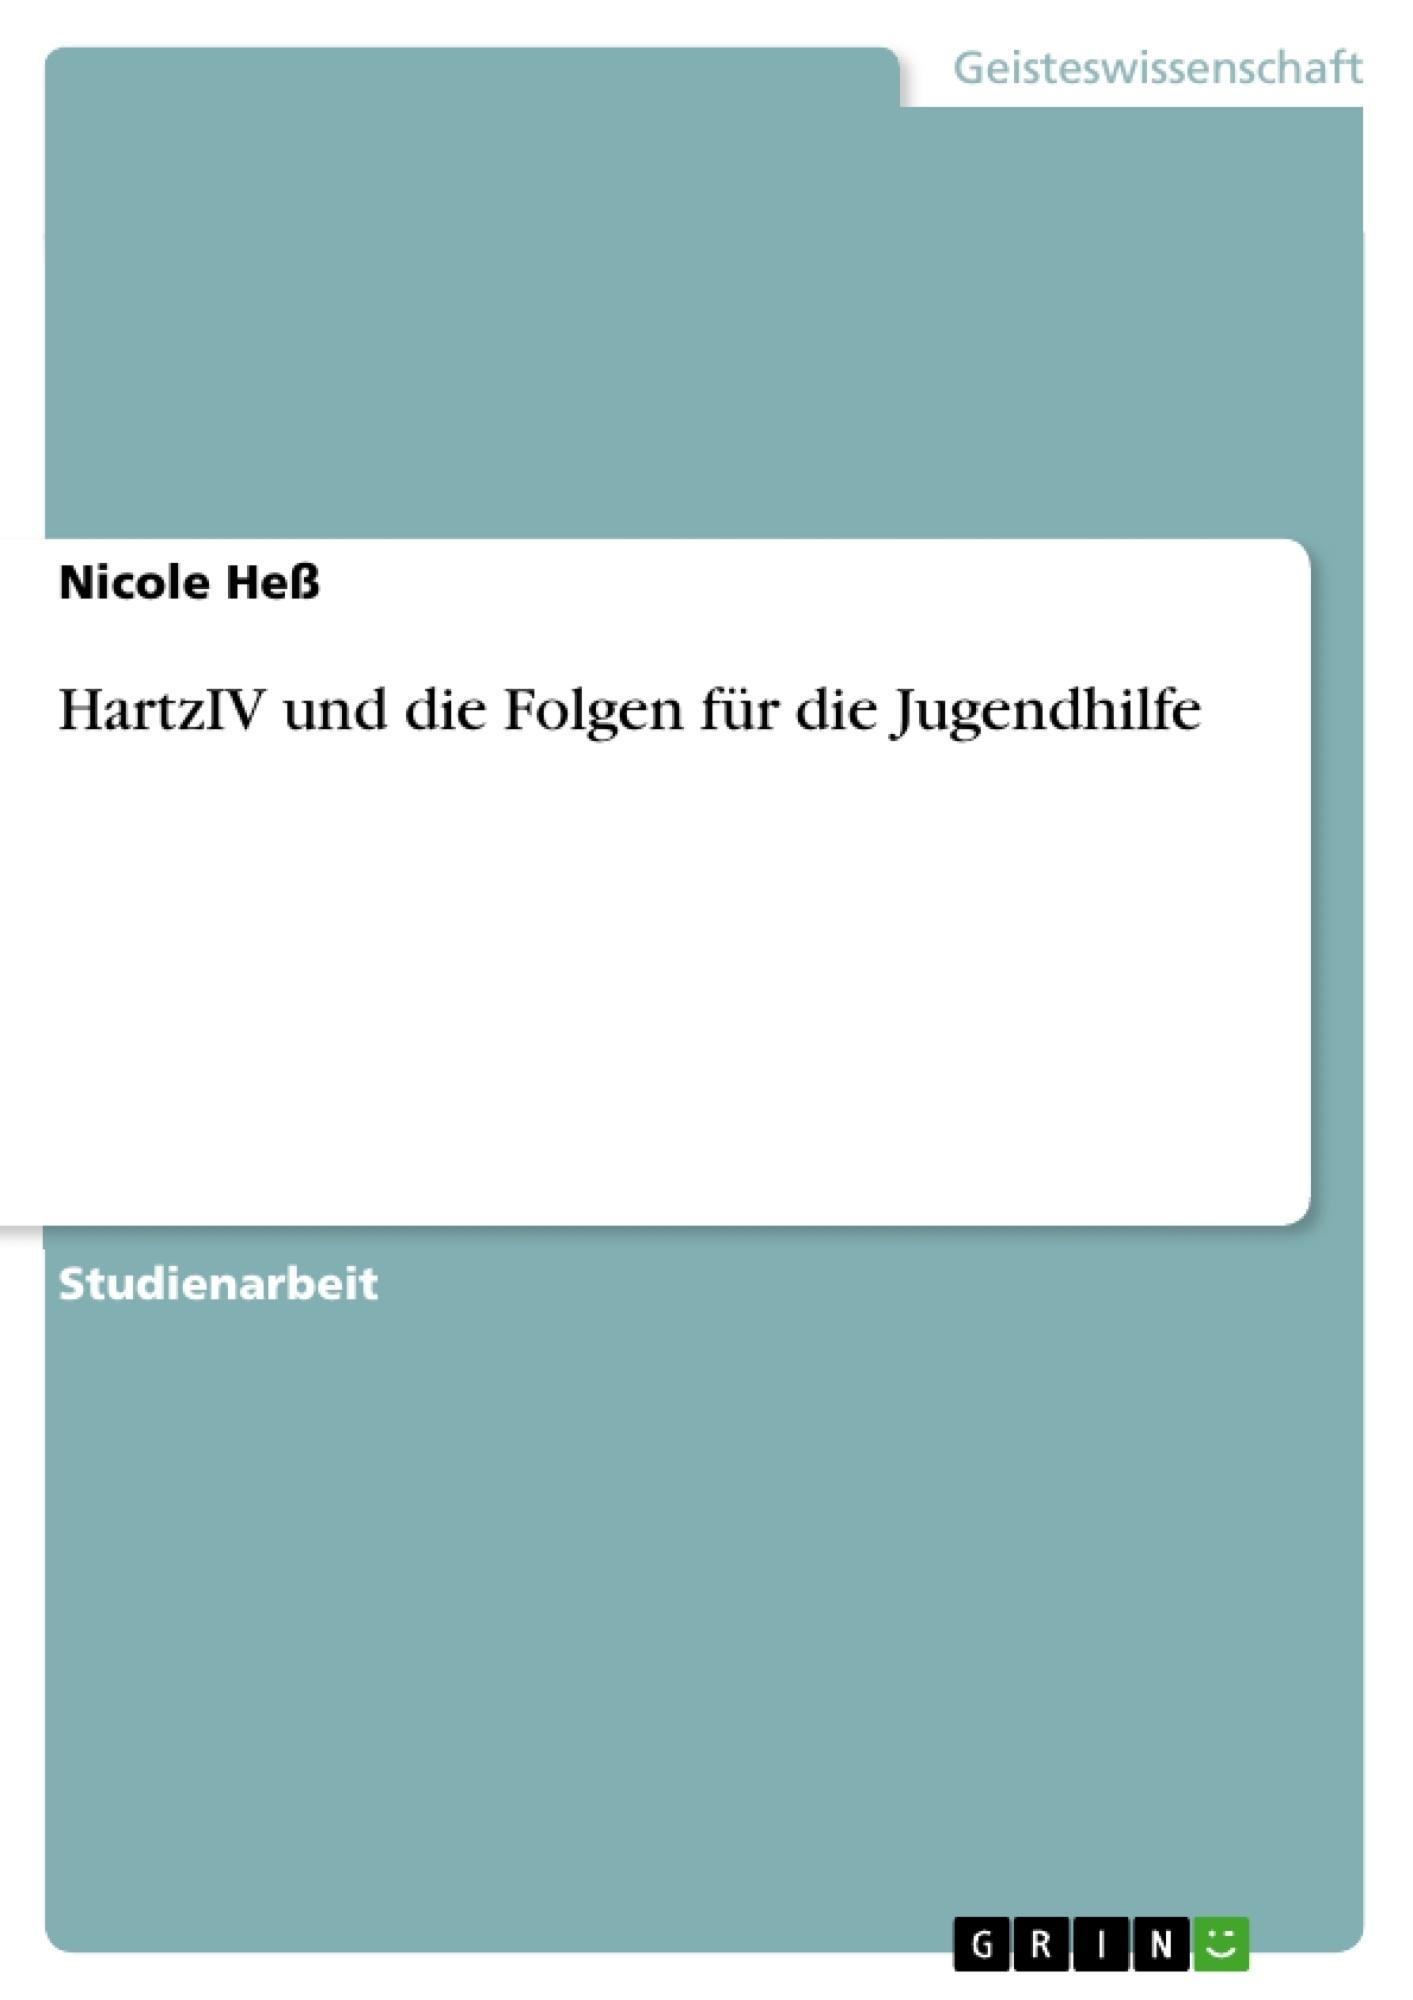 Titel: HartzIV und die Folgen für die Jugendhilfe